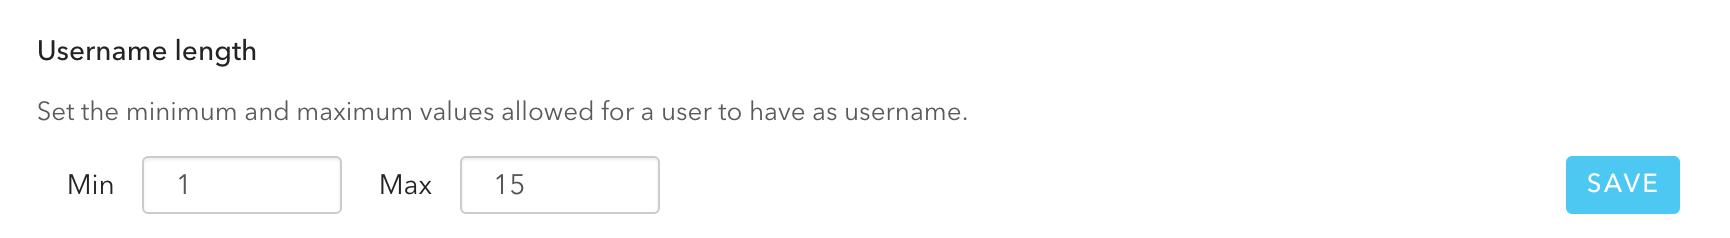 username length